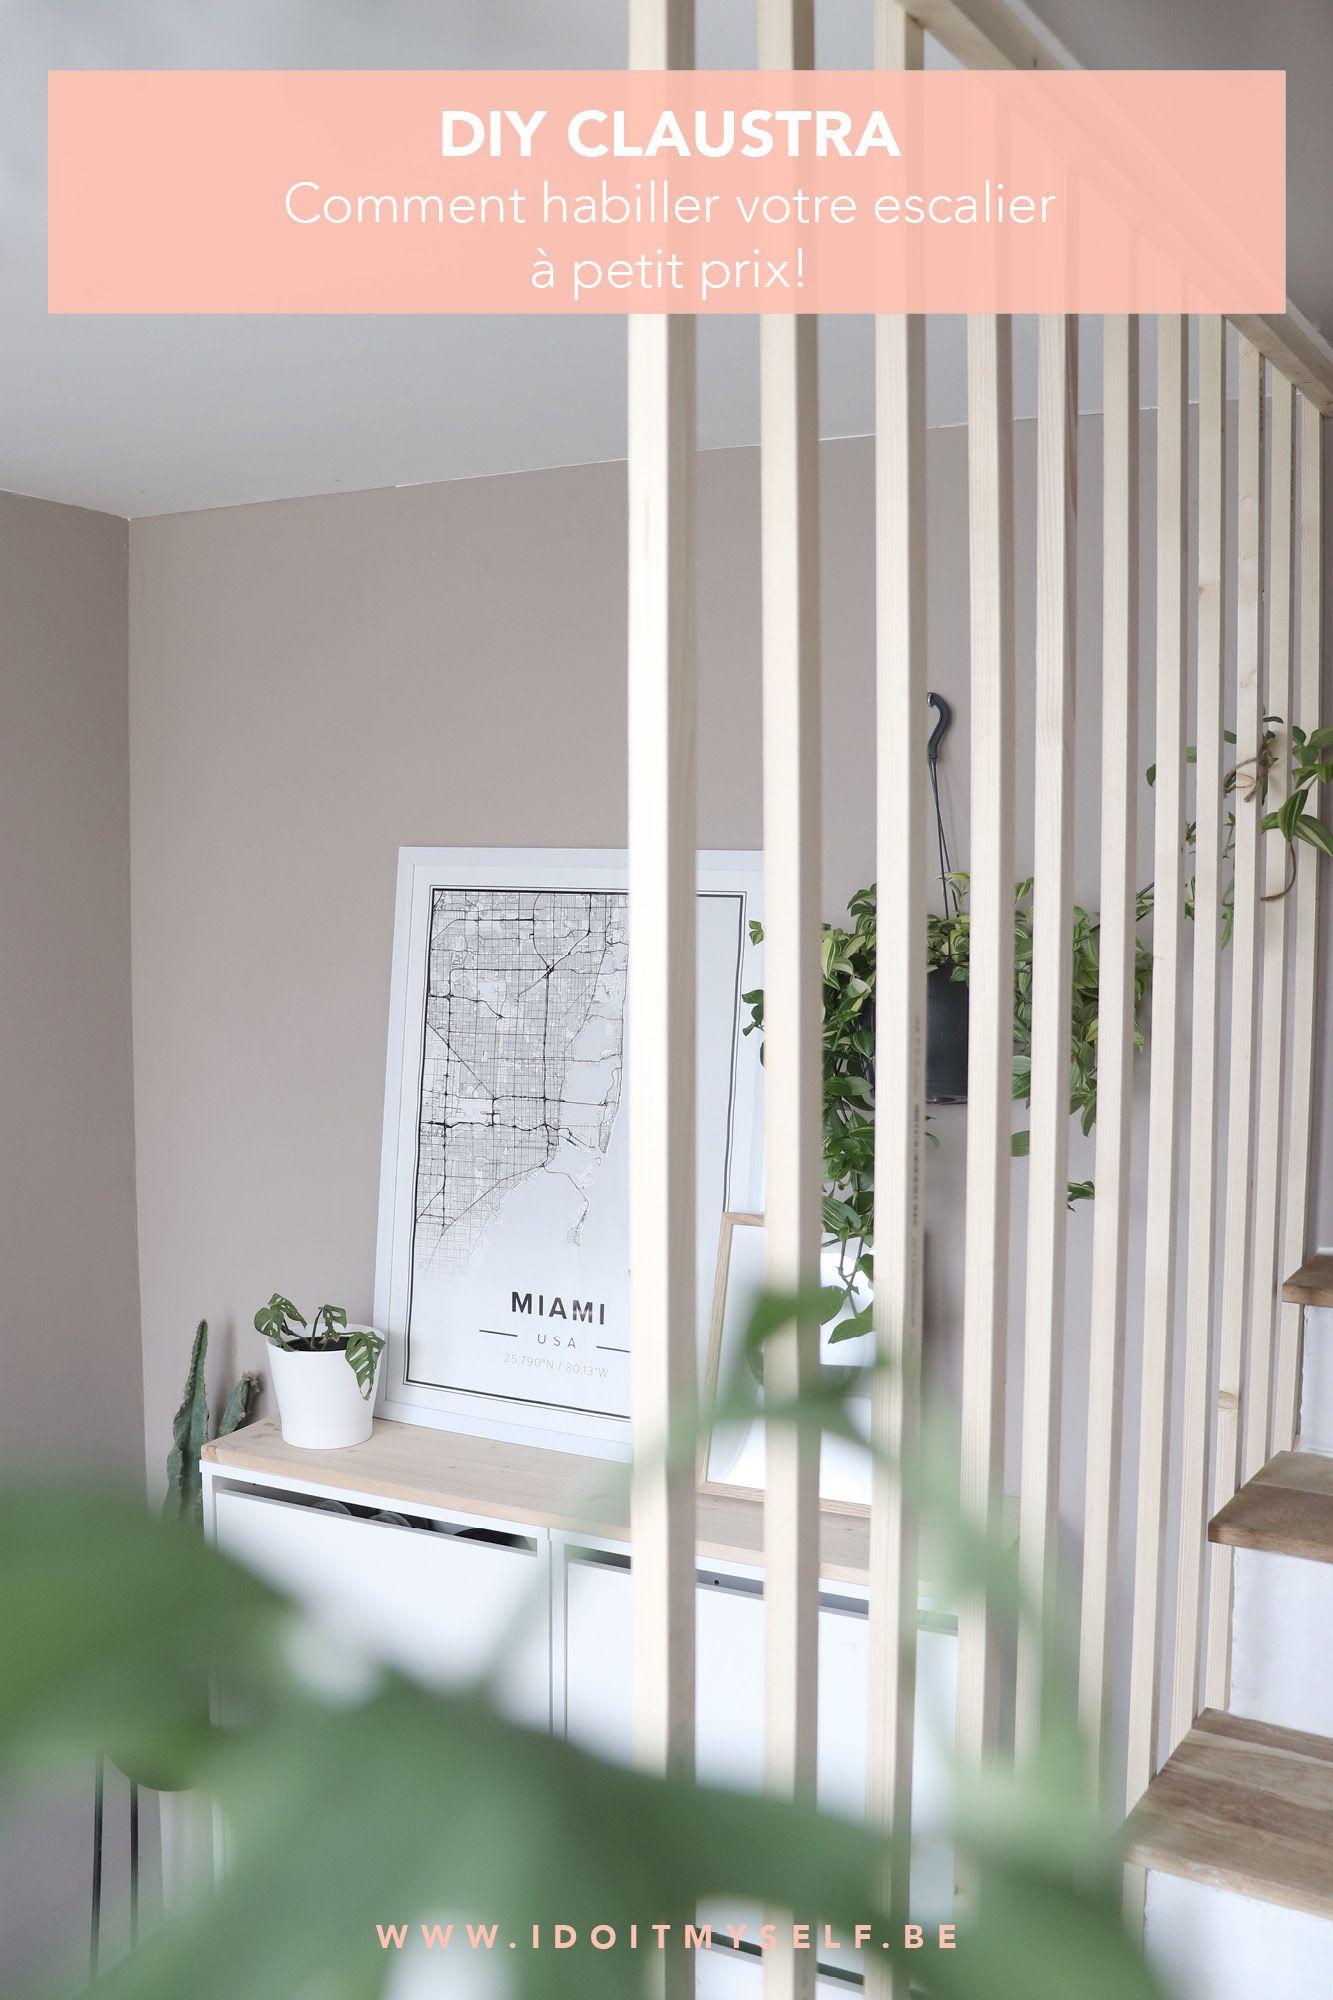 Fabriquer Un Claustra Bois diy - un claustra pour mon entrée | claustra, claustra bois